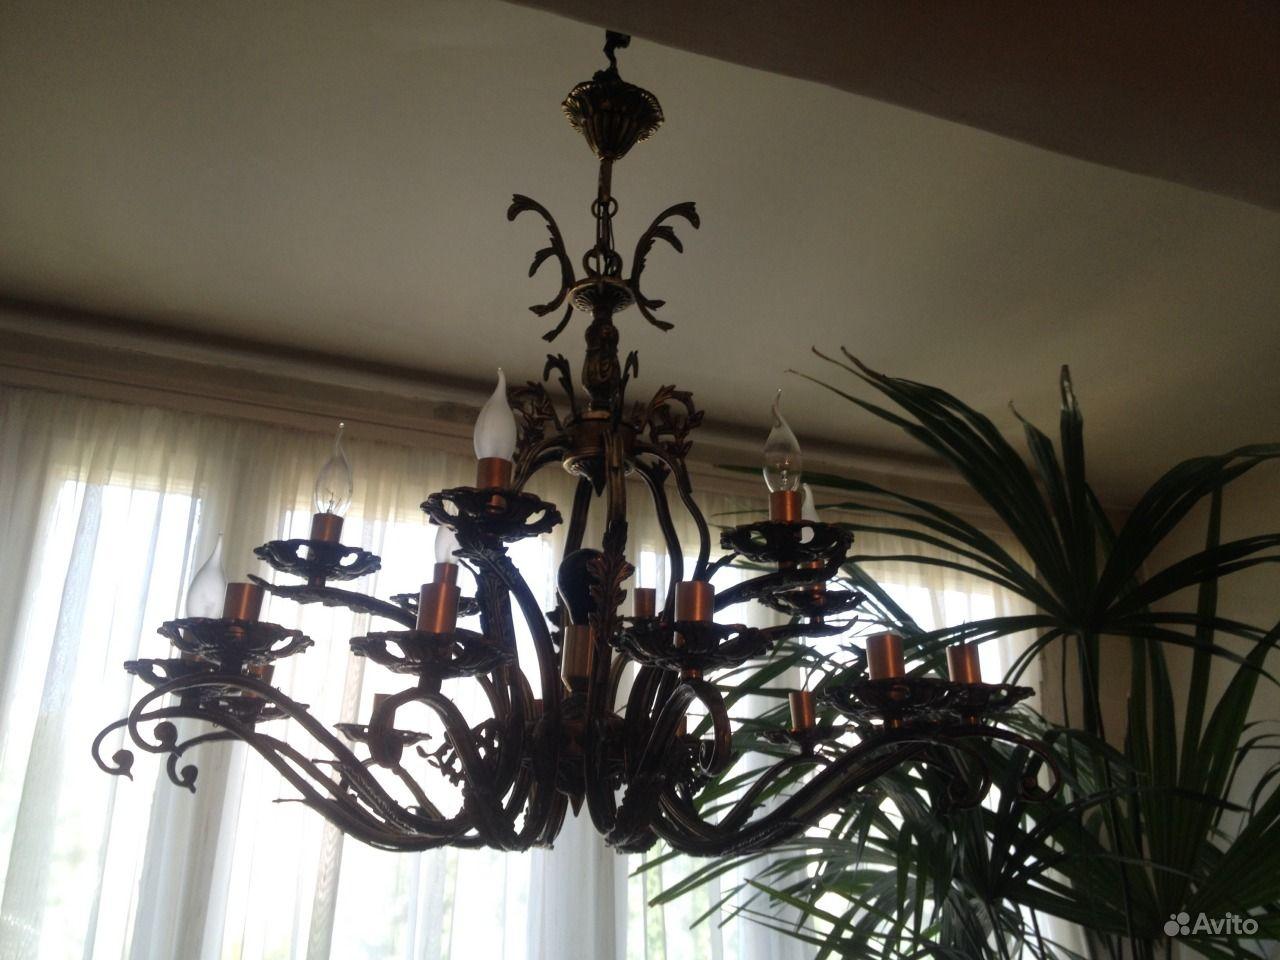 Антикварные старинные люстры и светильники: как